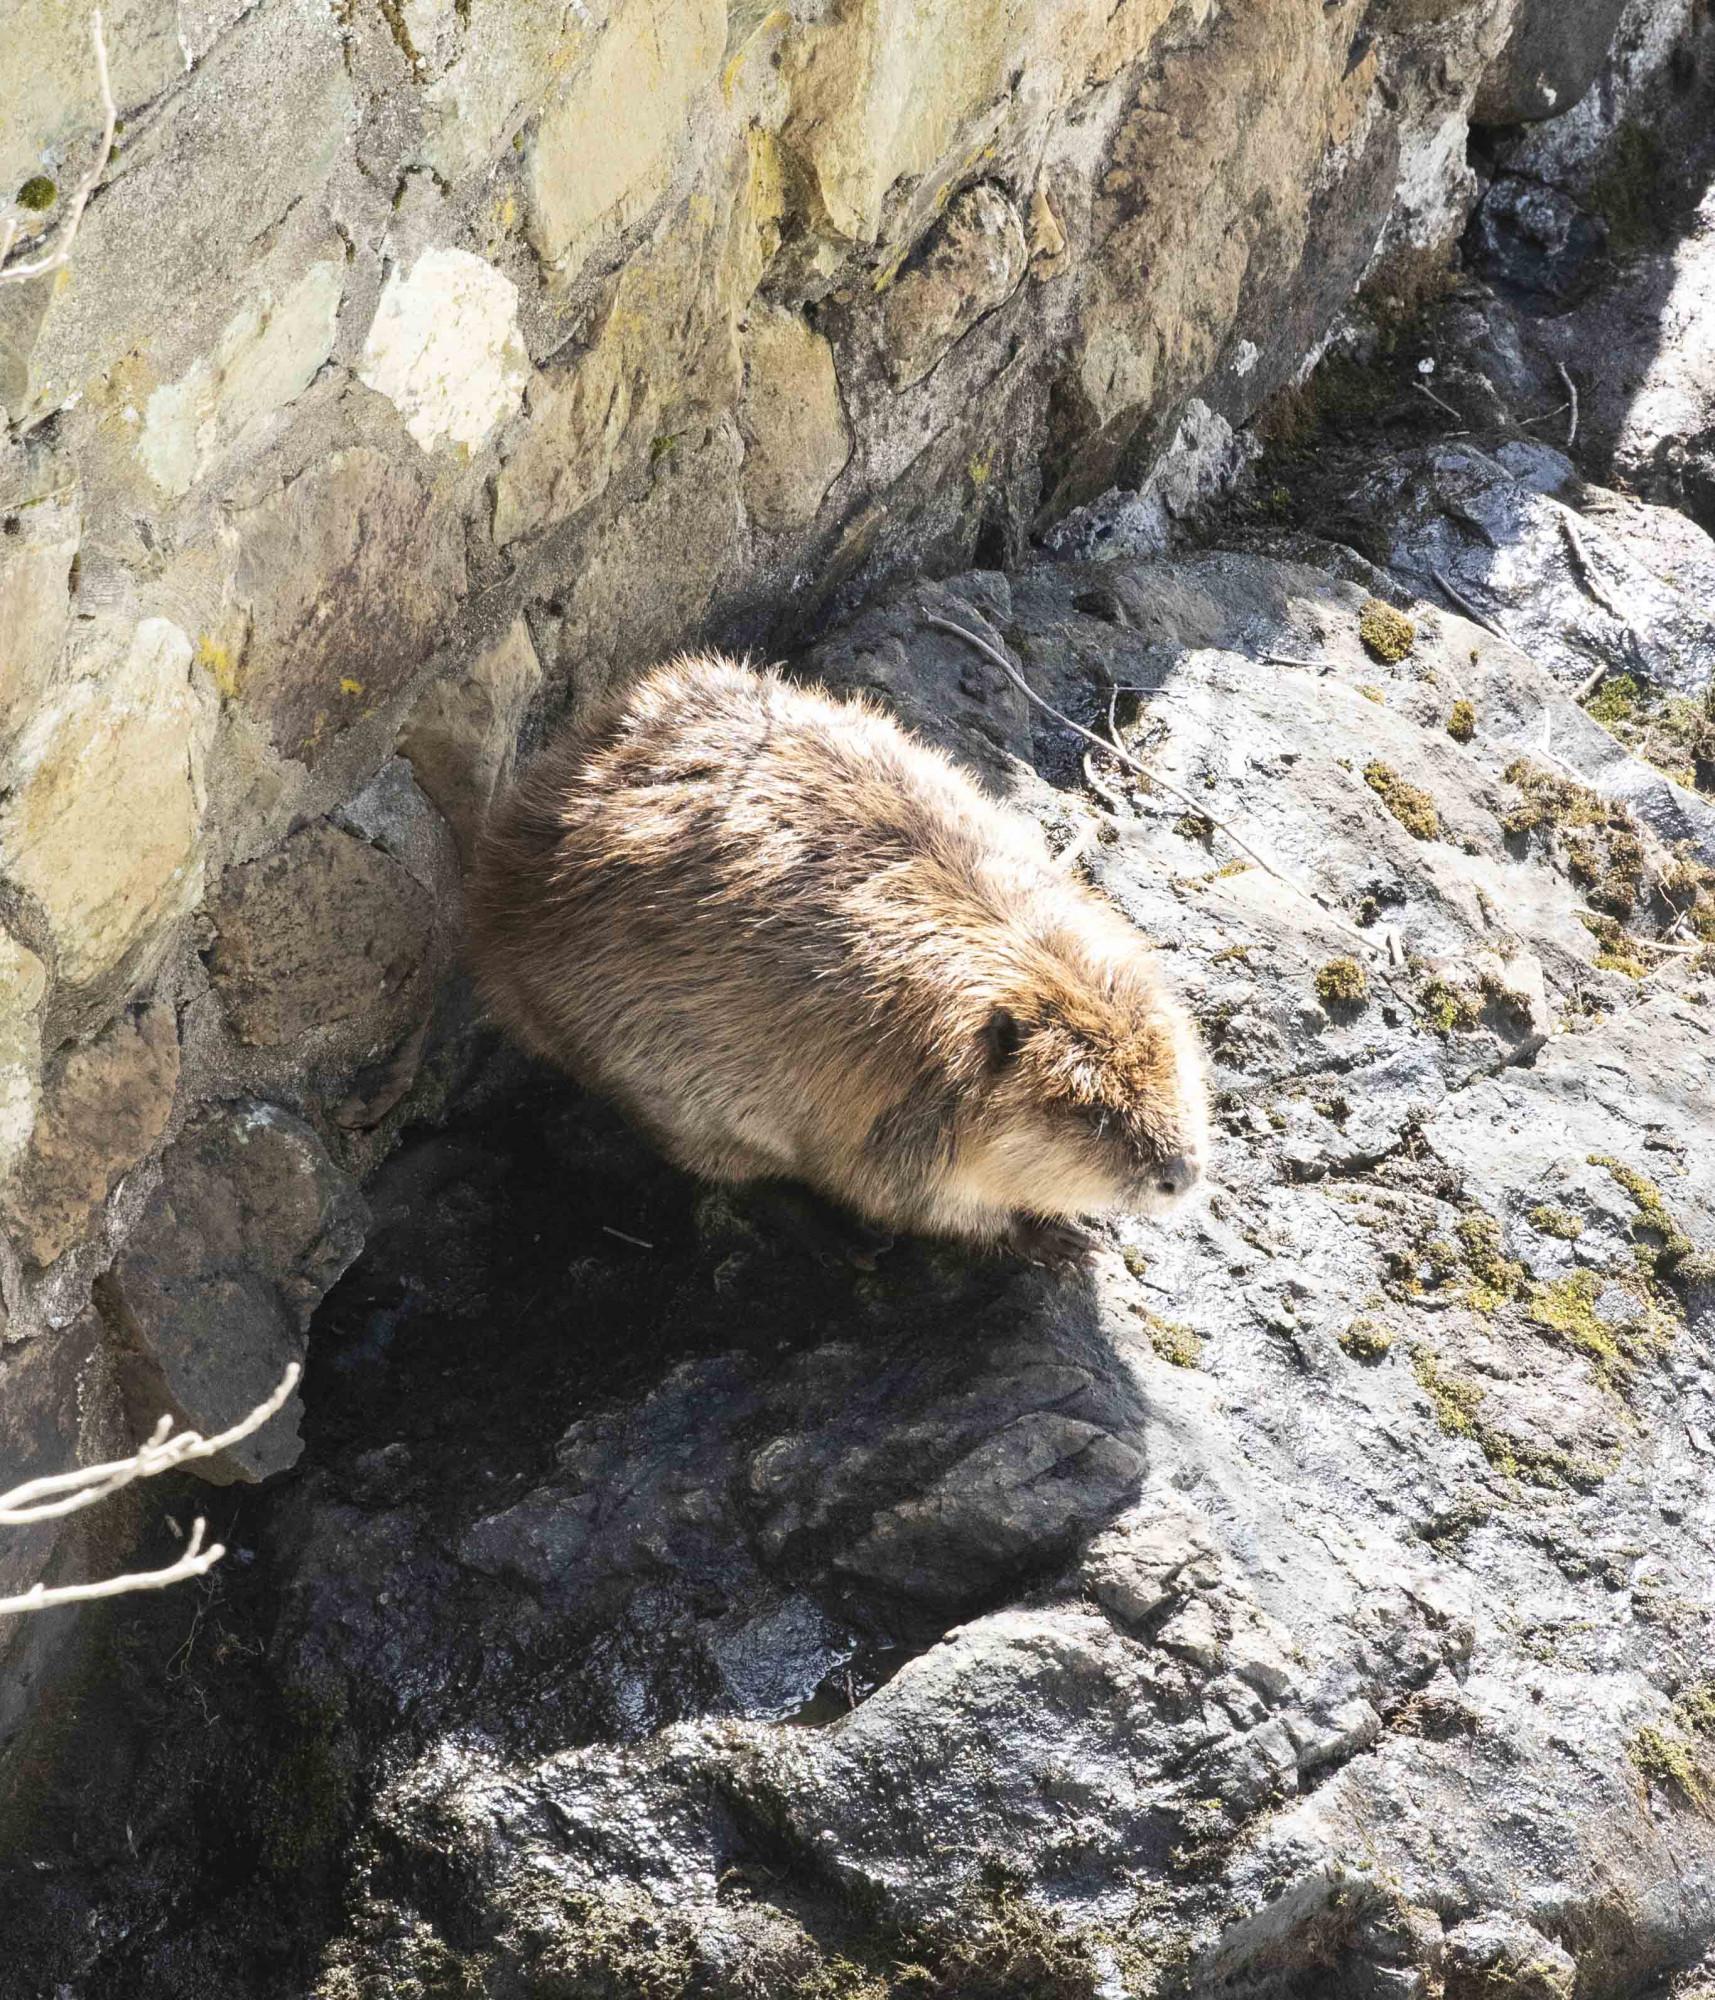 Castor atrapado durante días en la orilla de un río furioso es salvado por un equipo de rescate animal